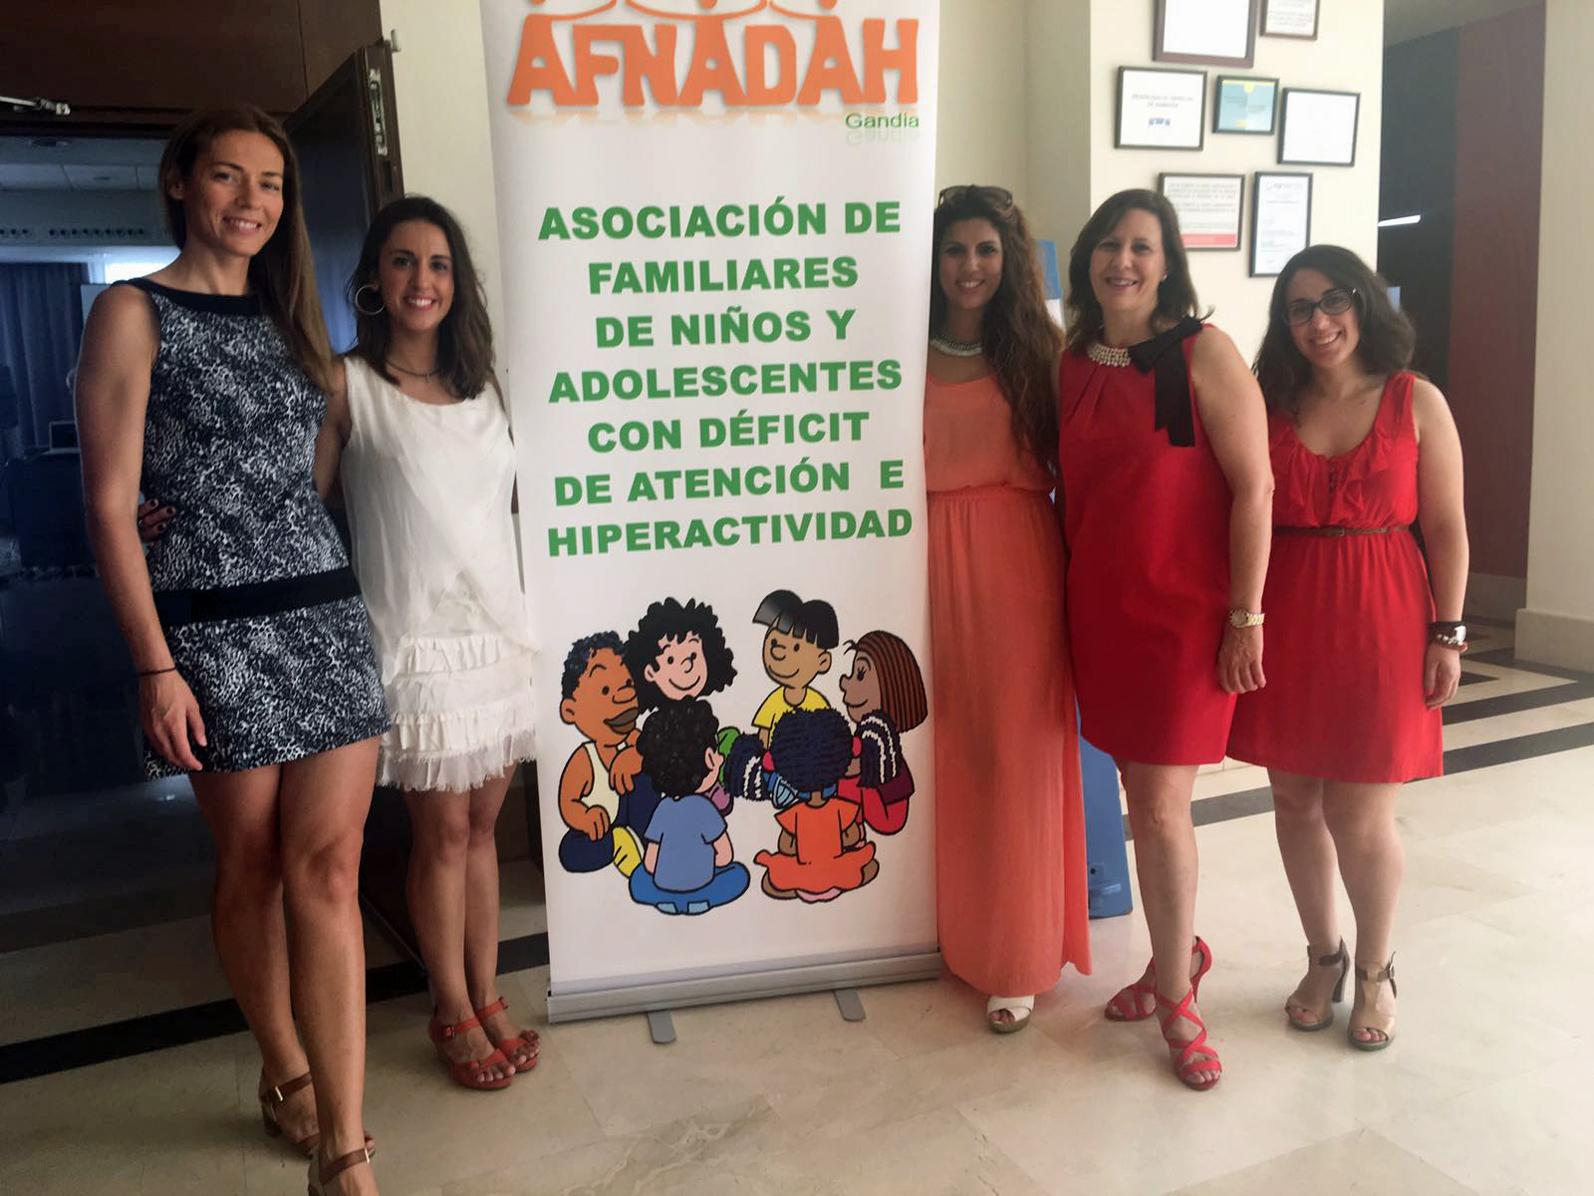 Amparo Martínez, Presidenta de AFNADAH, junto con las psicólogas de la Asociación y Amparo Aparisí, Directora de la Academia Nou Estudi, donde presta sus servicios la Asociación.